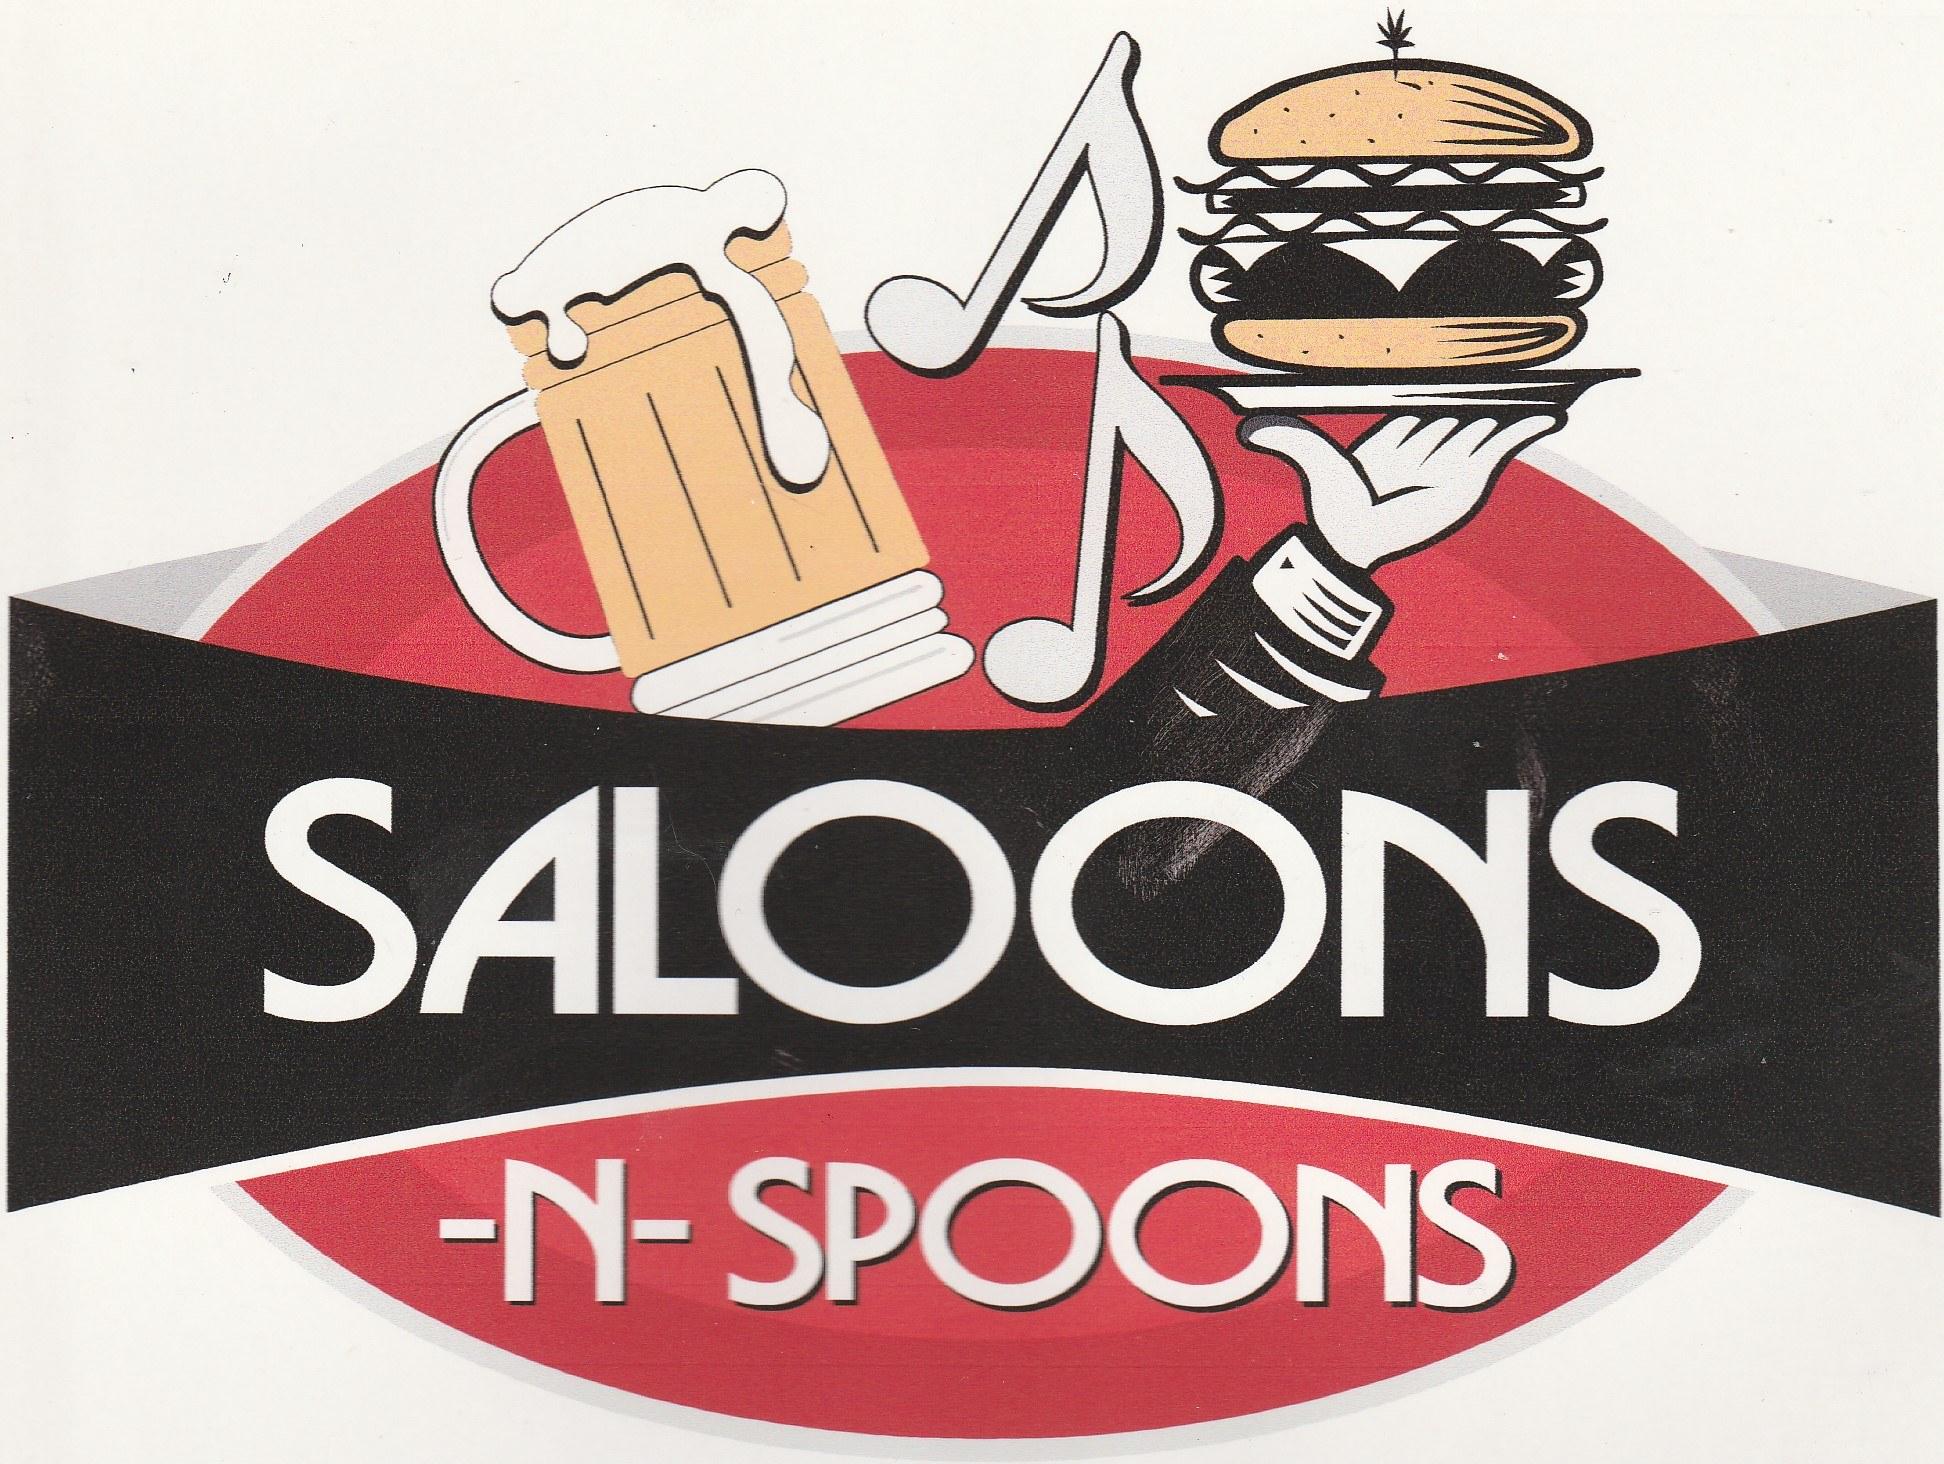 Saloons N Spoons